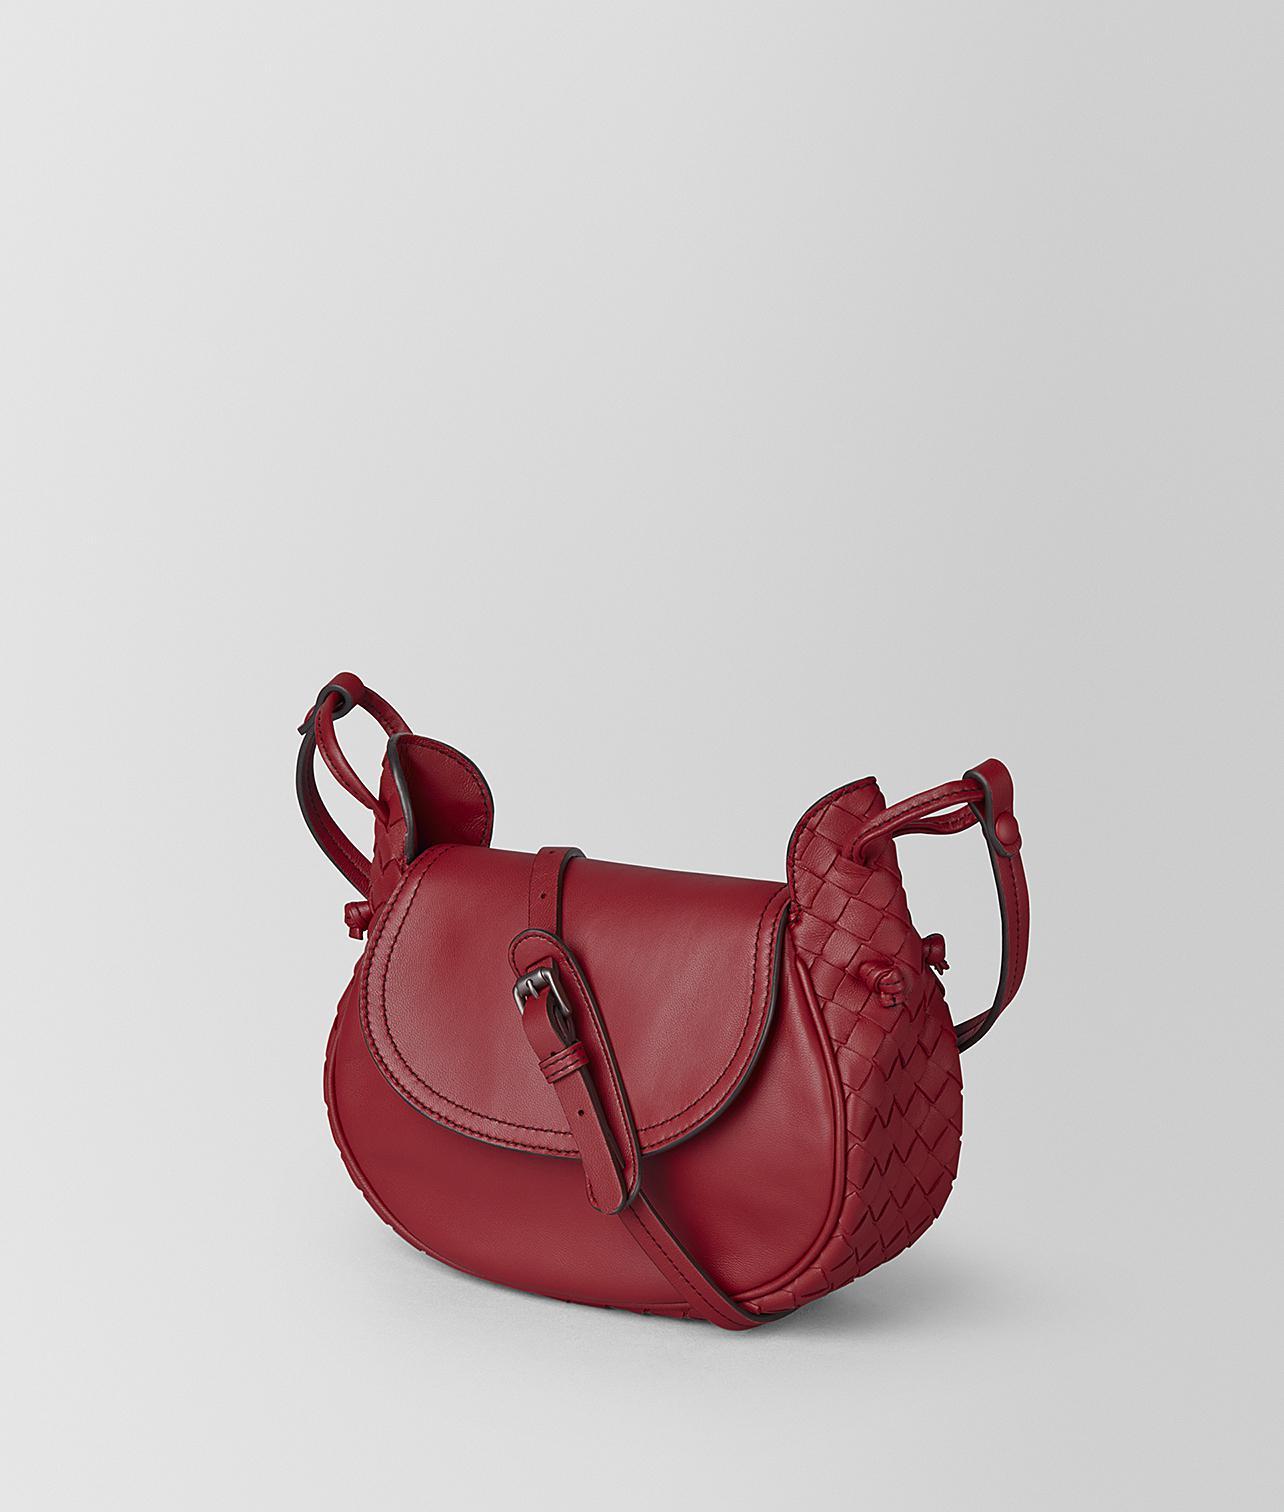 cfbd2c9dac3b Bottega Veneta Small Crossbody Bag In Intrecciato Nappa - Lyst